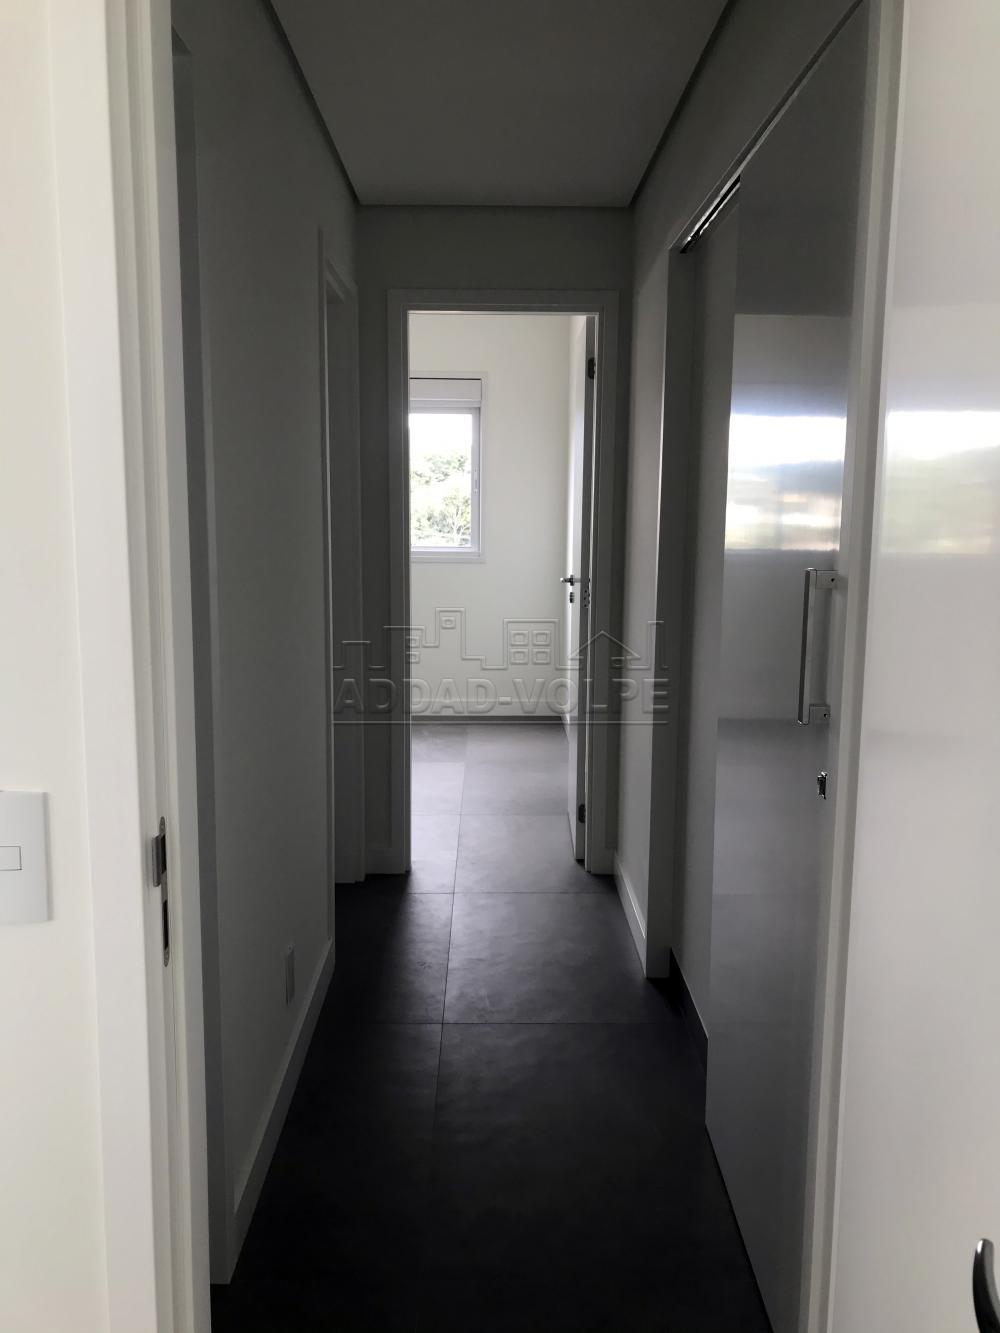 Comprar Apartamento / Padrão em Bauru apenas R$ 600.000,00 - Foto 5